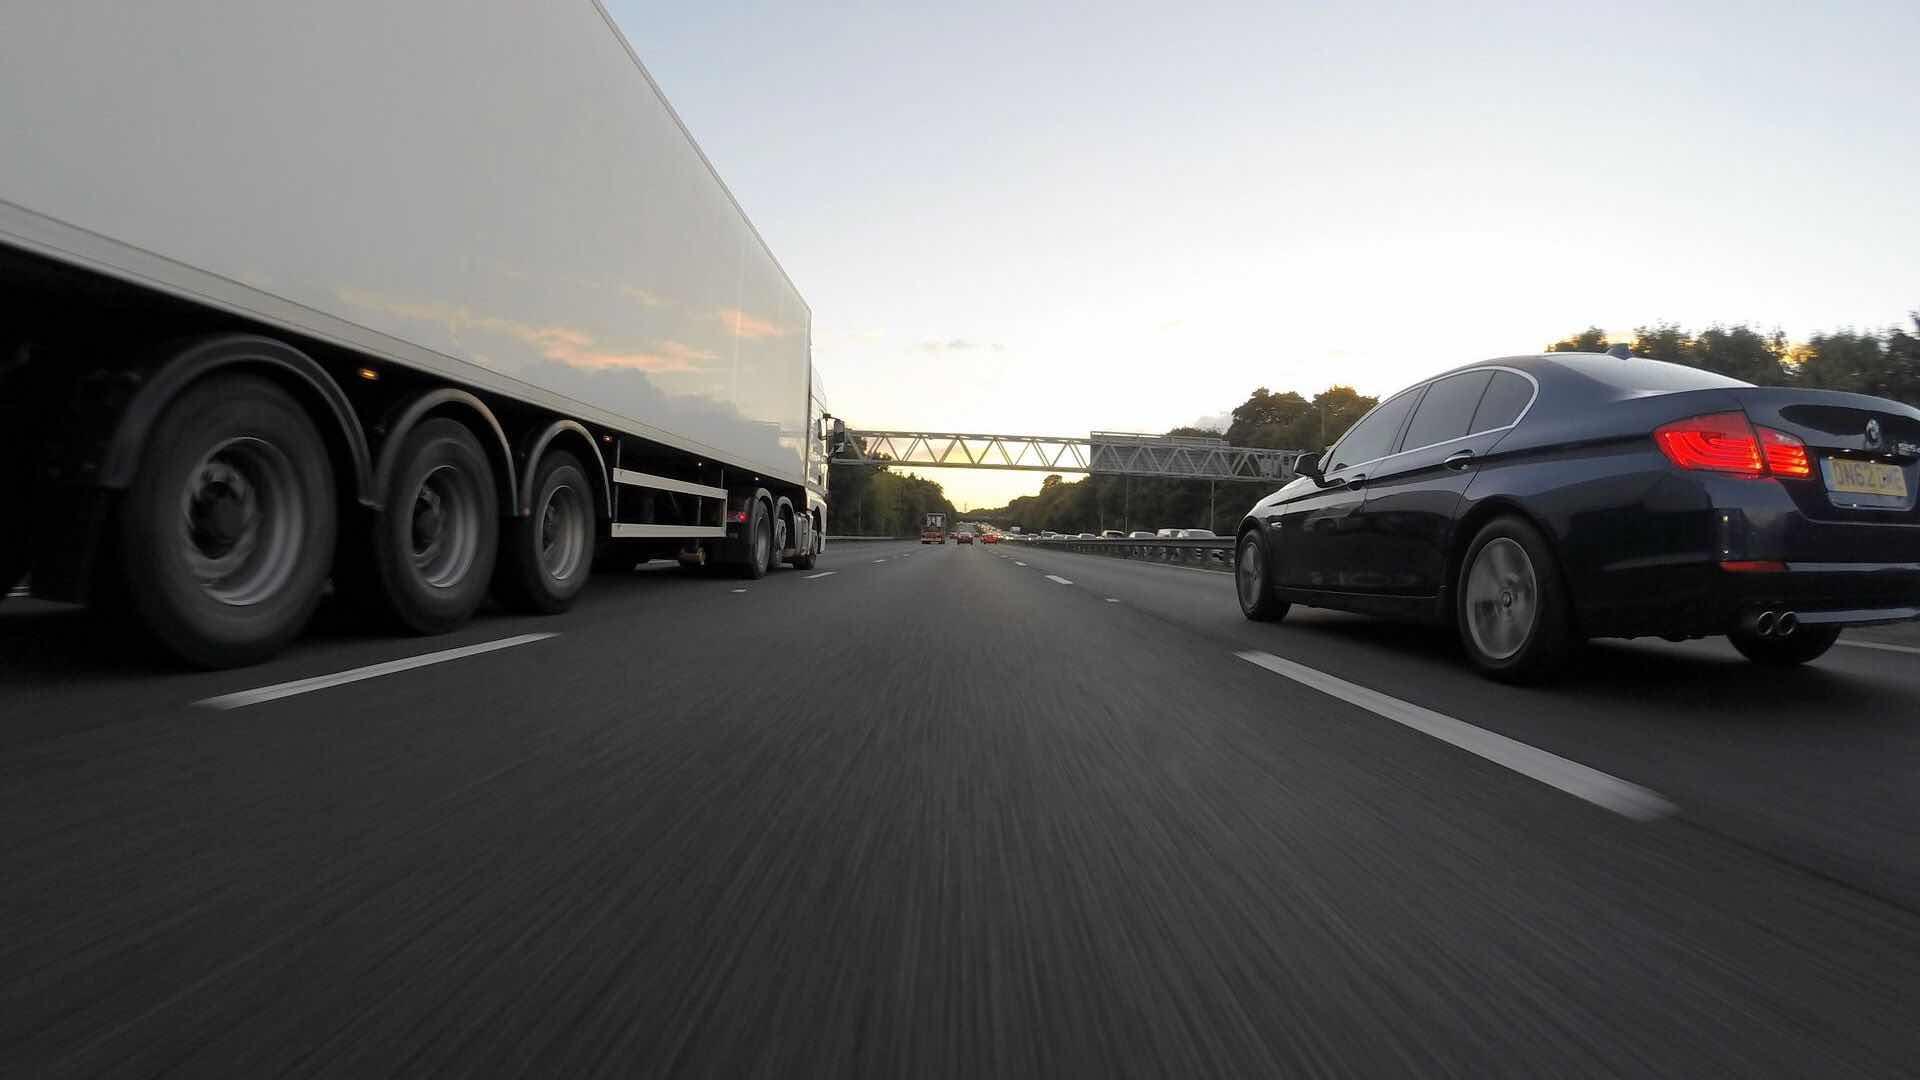 Trasporti Internazionali Internazionali. Data di validita del certificato CEMT annex 6.